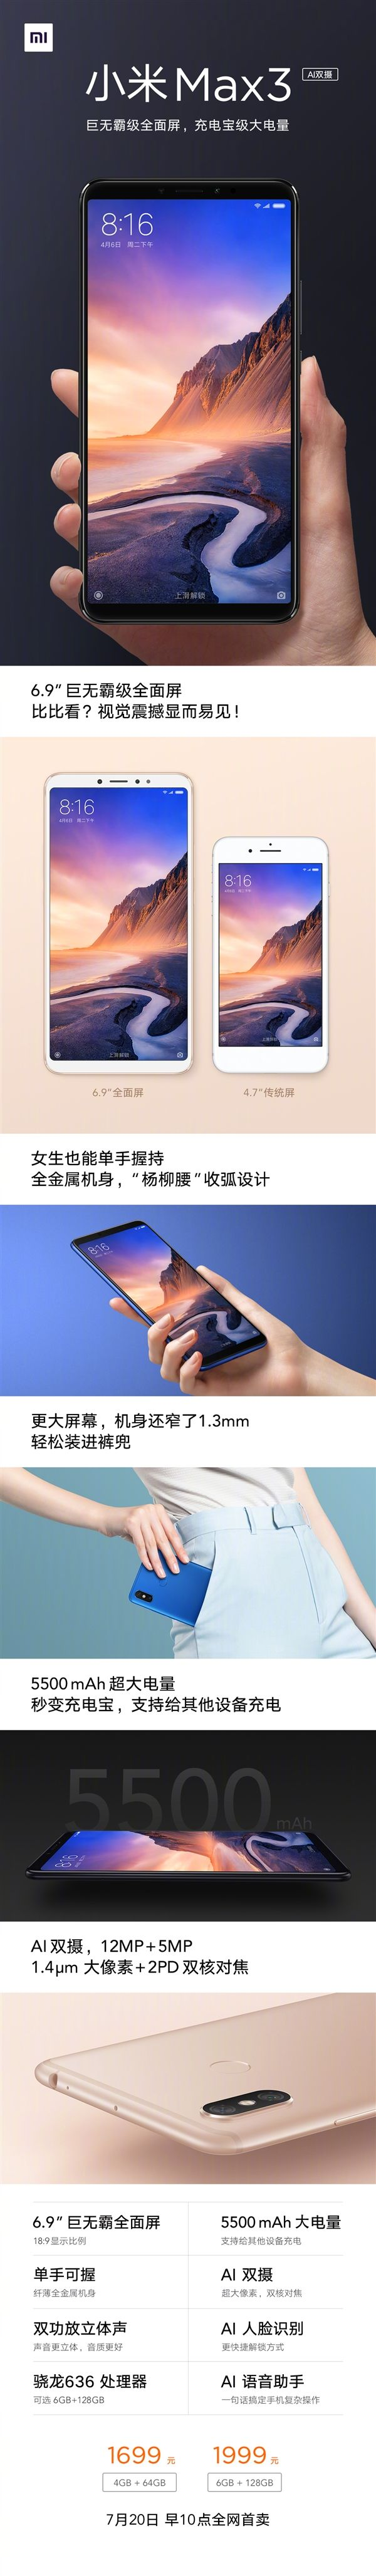 Анонс Xiaomi Mi Max 3: еще больше экрана, камер и миллиампер в батарейке – фото 10